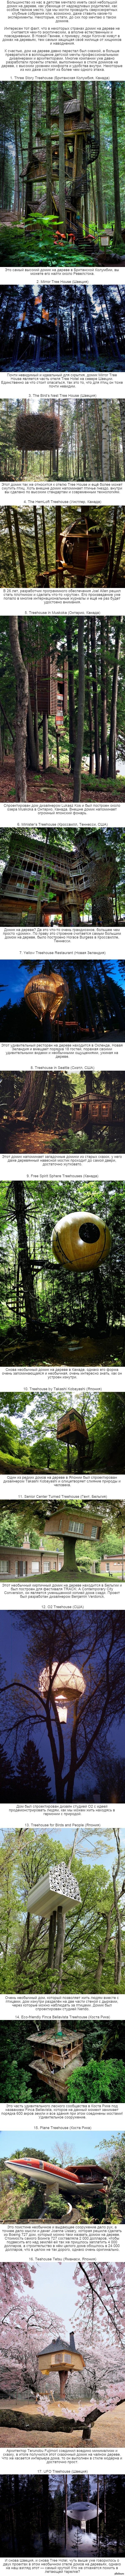 17 самых поразительных и необычных дизайнов домов на дереве